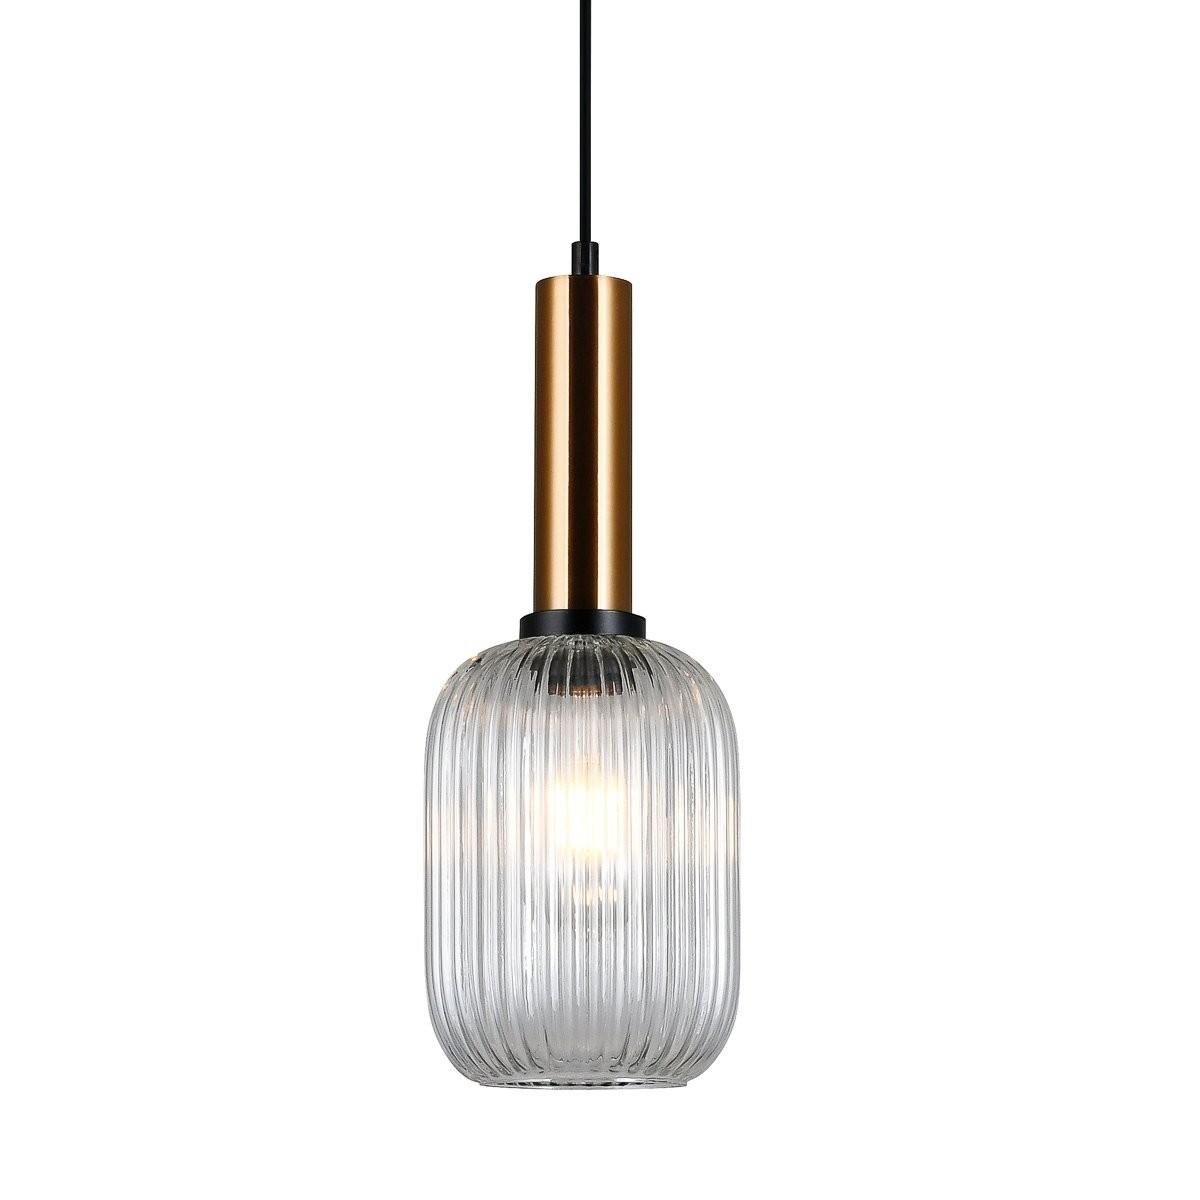 Italux PND-5588-1M-BRO+CL závěsné stropní svítidlo Antiola 1x40W | E27 - mosaz, průhledná